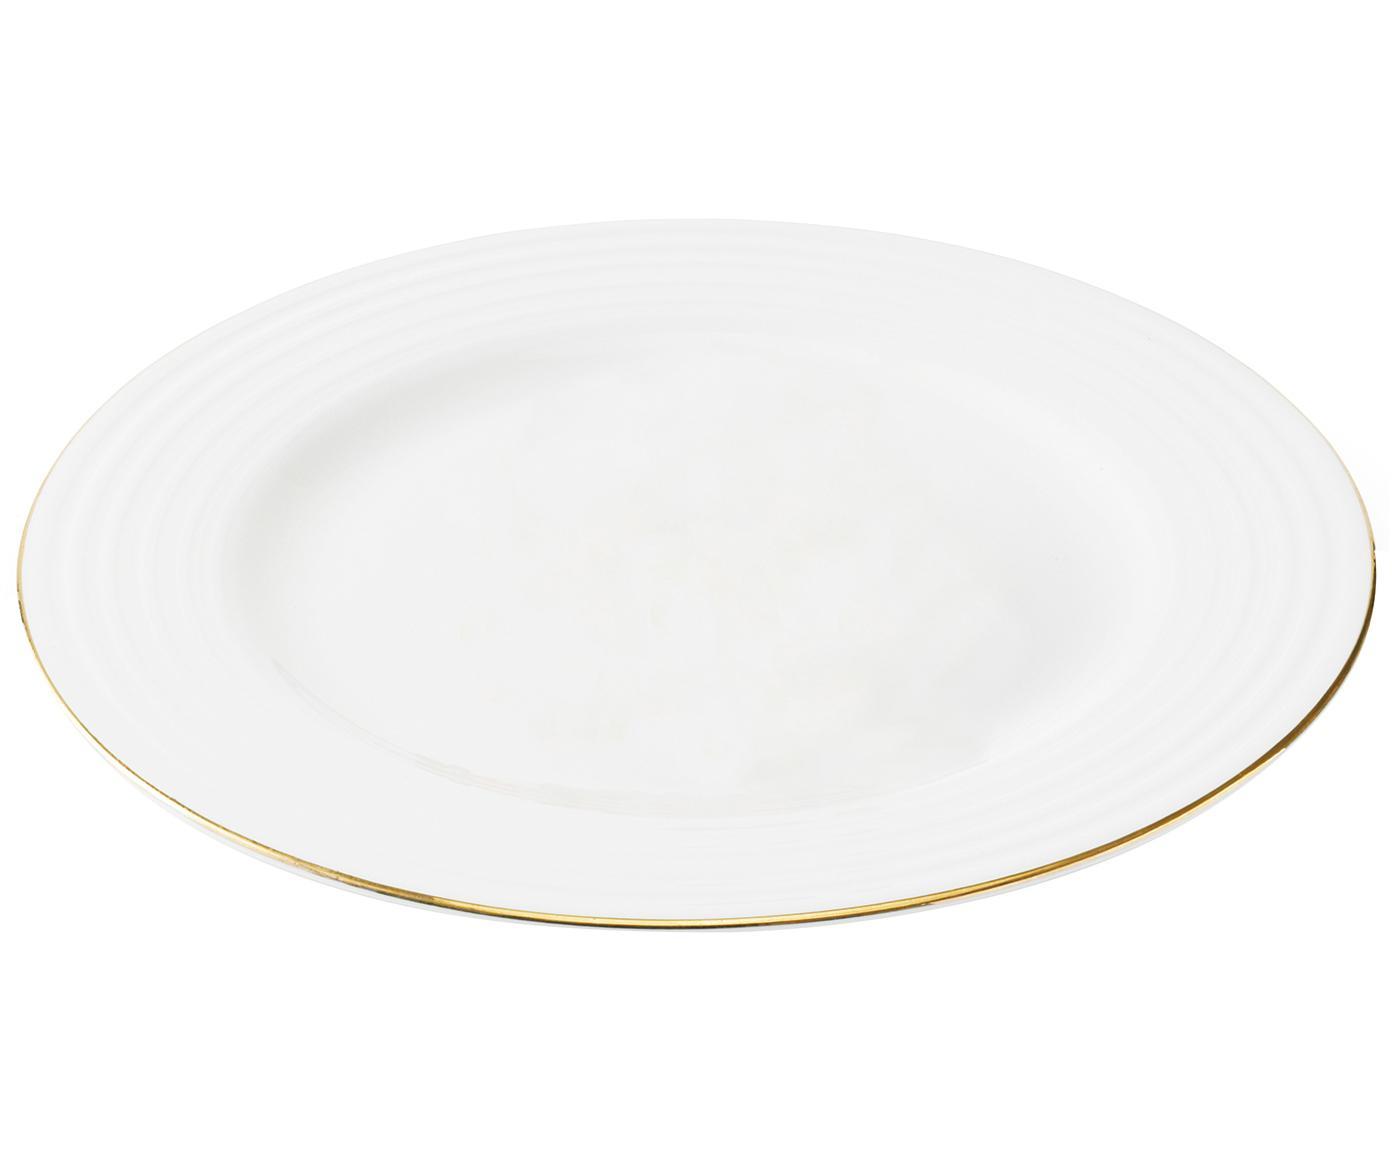 Speiseteller Cobald mit goldenem Rand und Rillenrelief, 4 Stück, Porzellan, Weiß, Goldfarben, Ø 28 cm